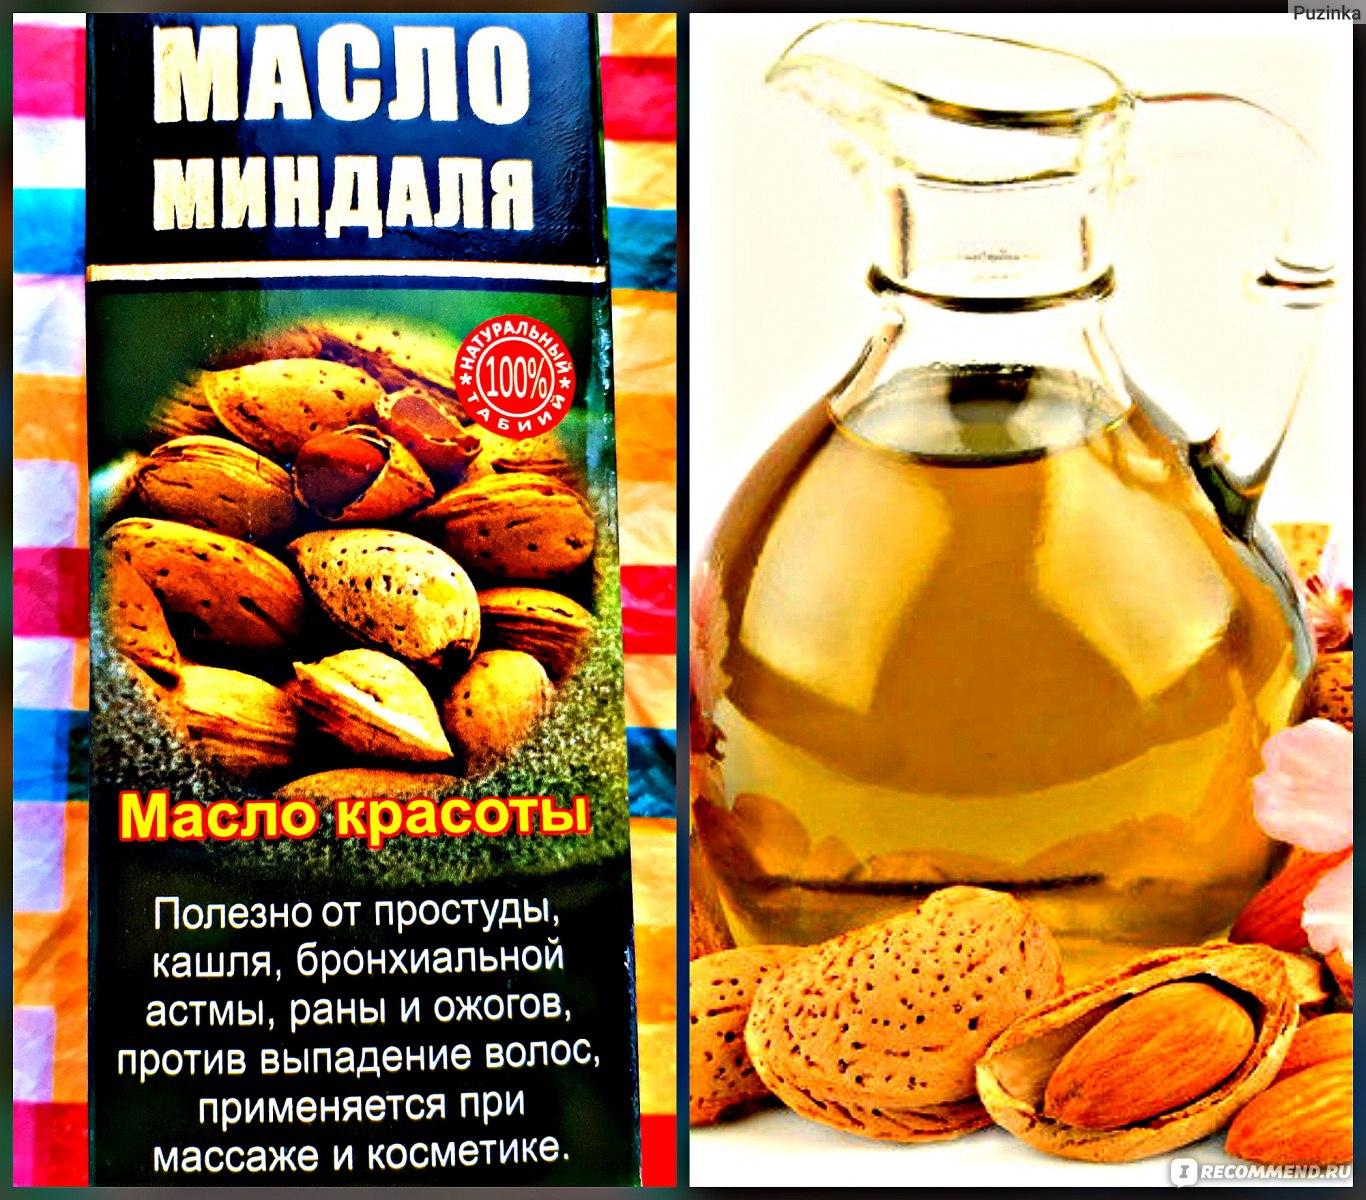 Применение миндального масла без вреда здоровью и внешности